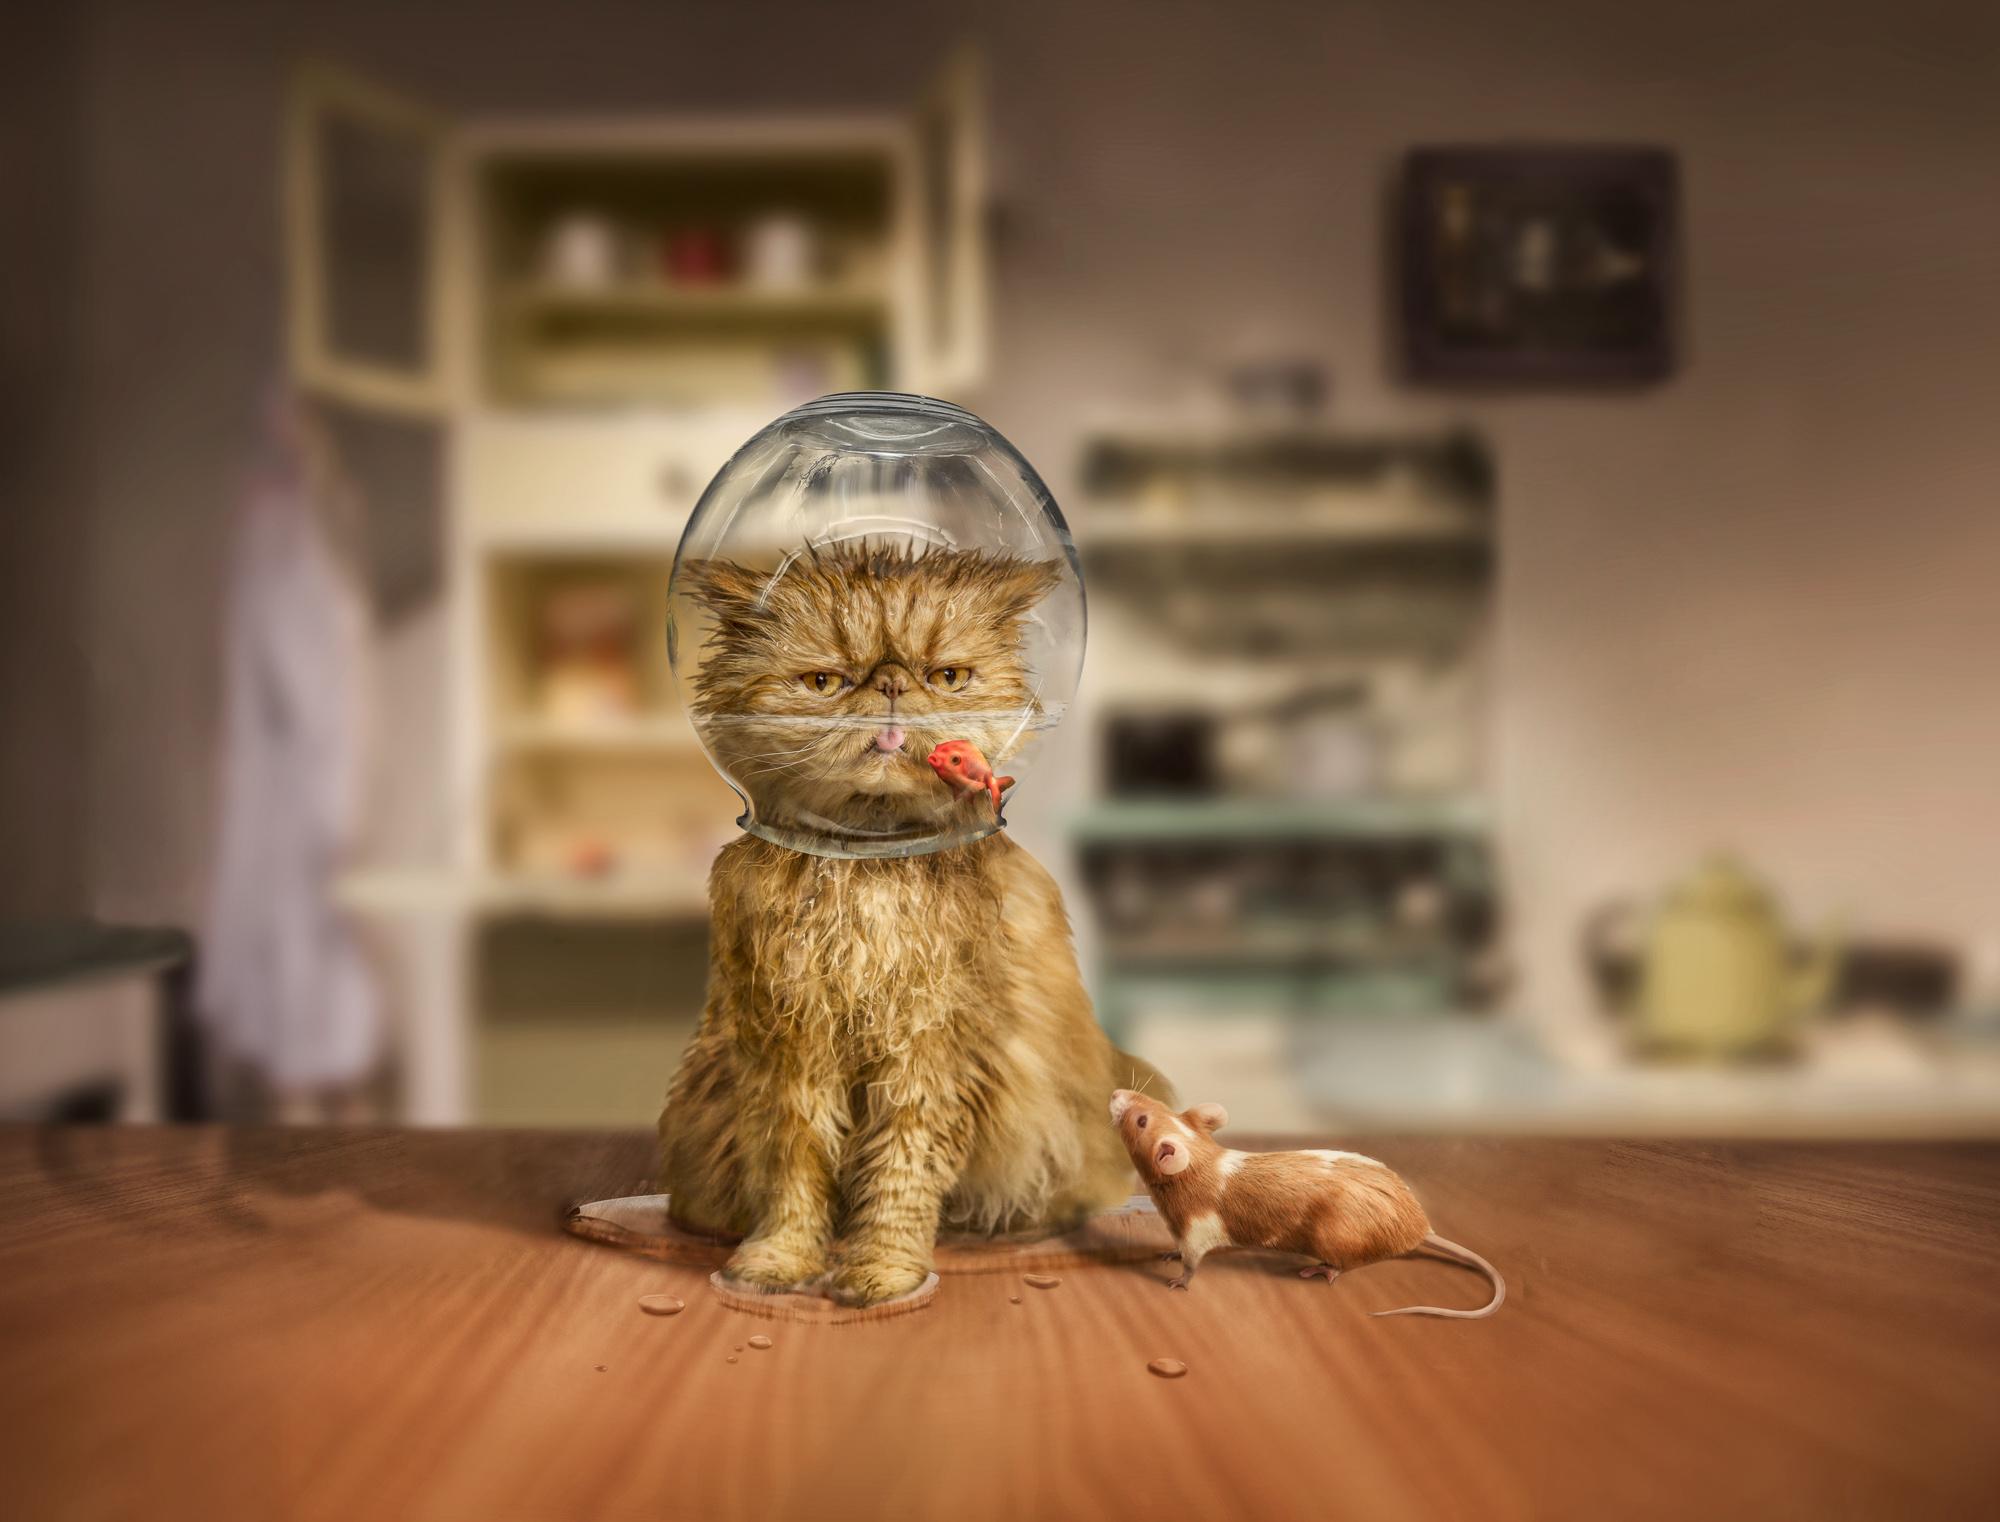 cat+and+bowl-Edit.jpg